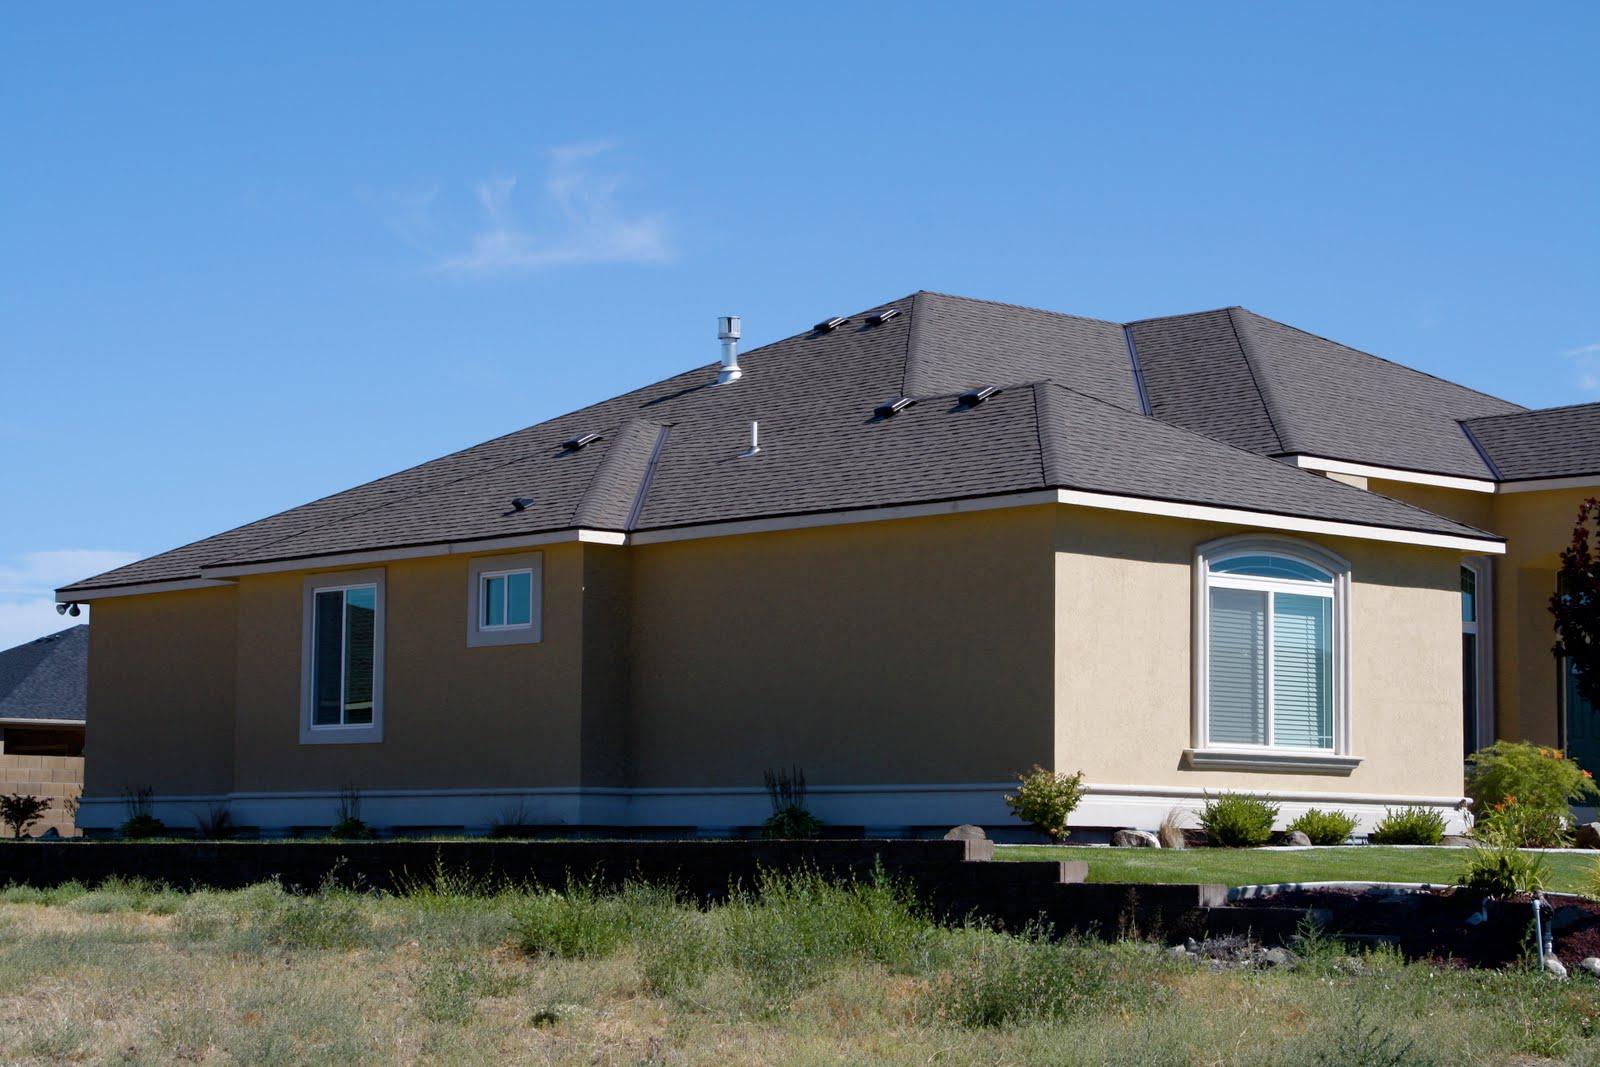 Building a home exterior paint selection - Ici exterior paint pict ...